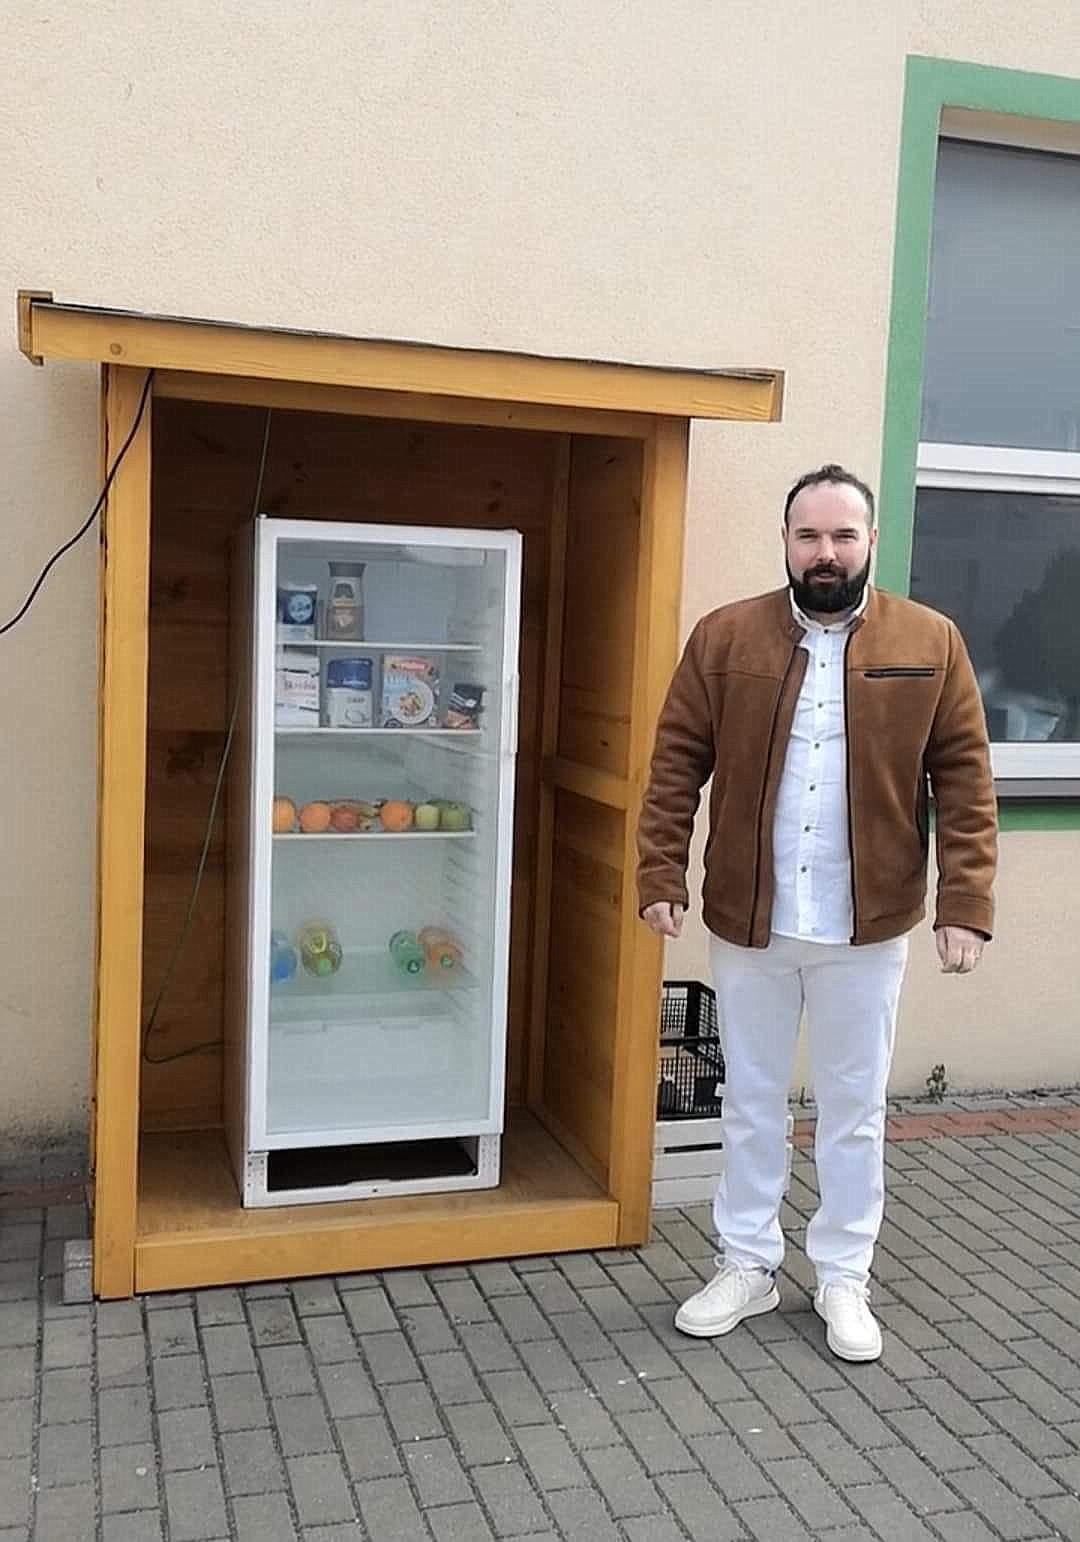 ŁUKÓW Restaurator zaprasza potrzebujących na darmowe dania z zewnętrznej lodówki - Zdjęcie główne